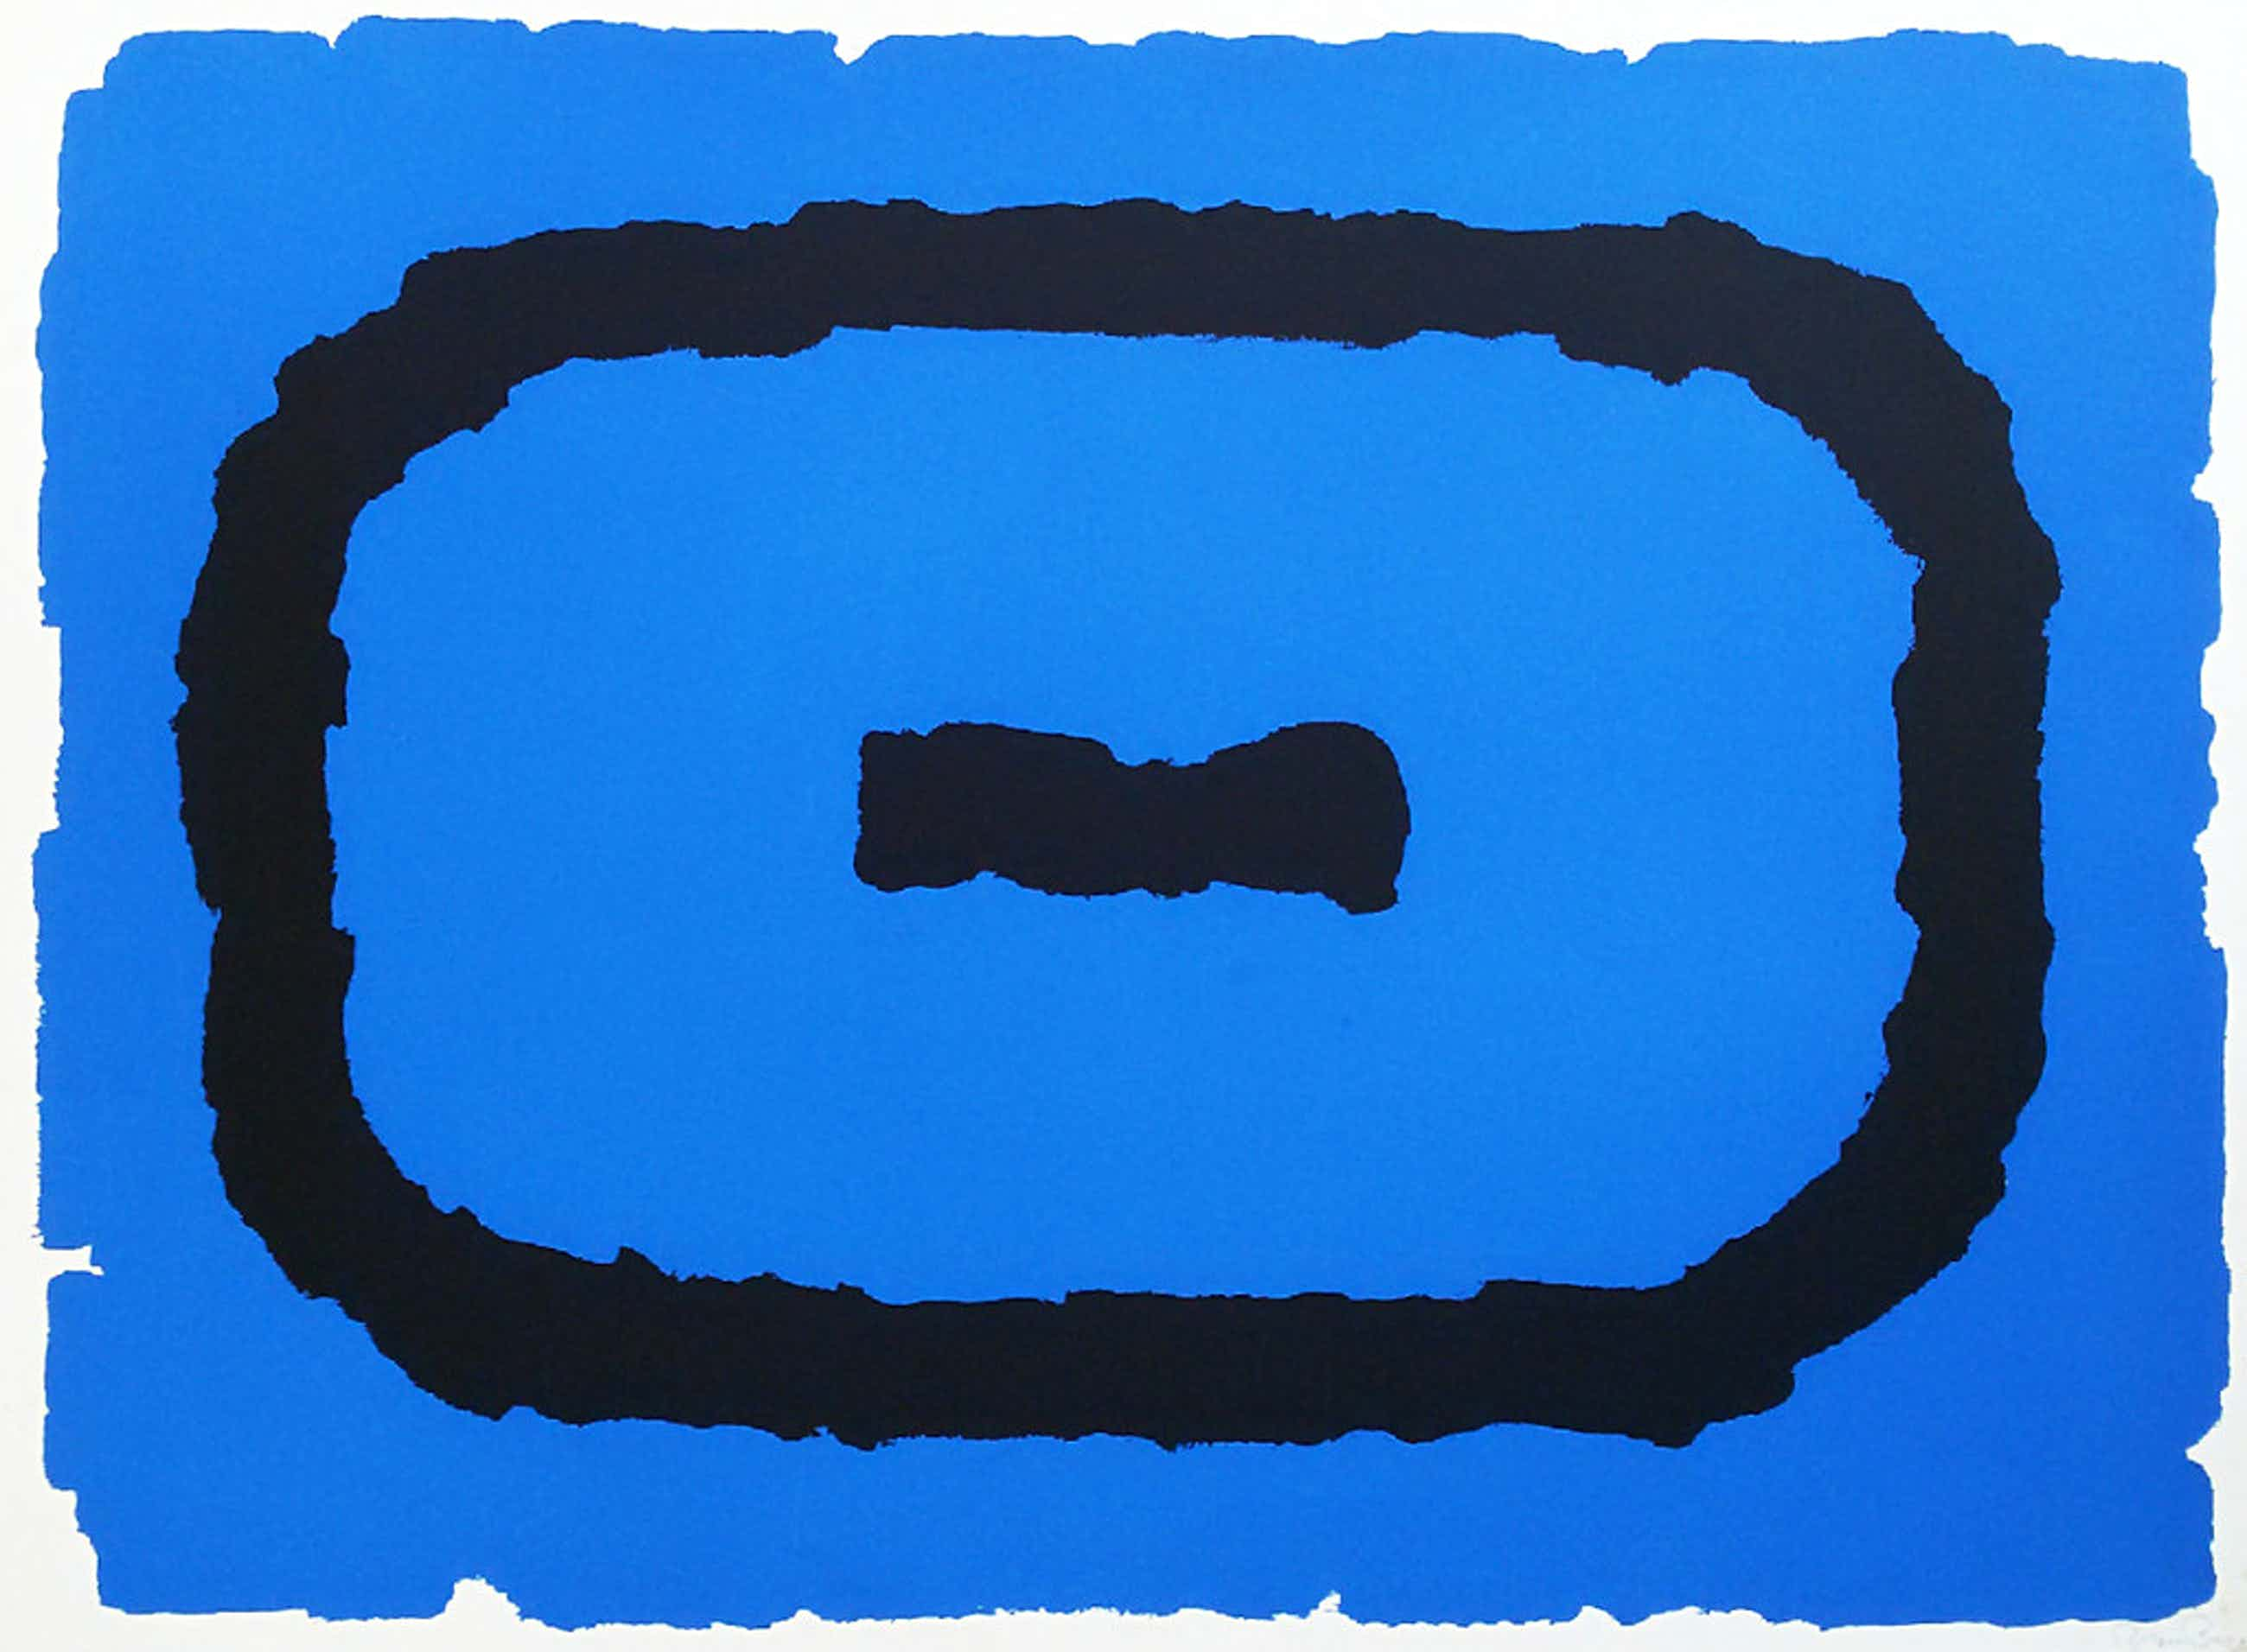 Bram Bogart - Compositie in blauw en zwart, zeefdruk kopen? Bied vanaf 175!